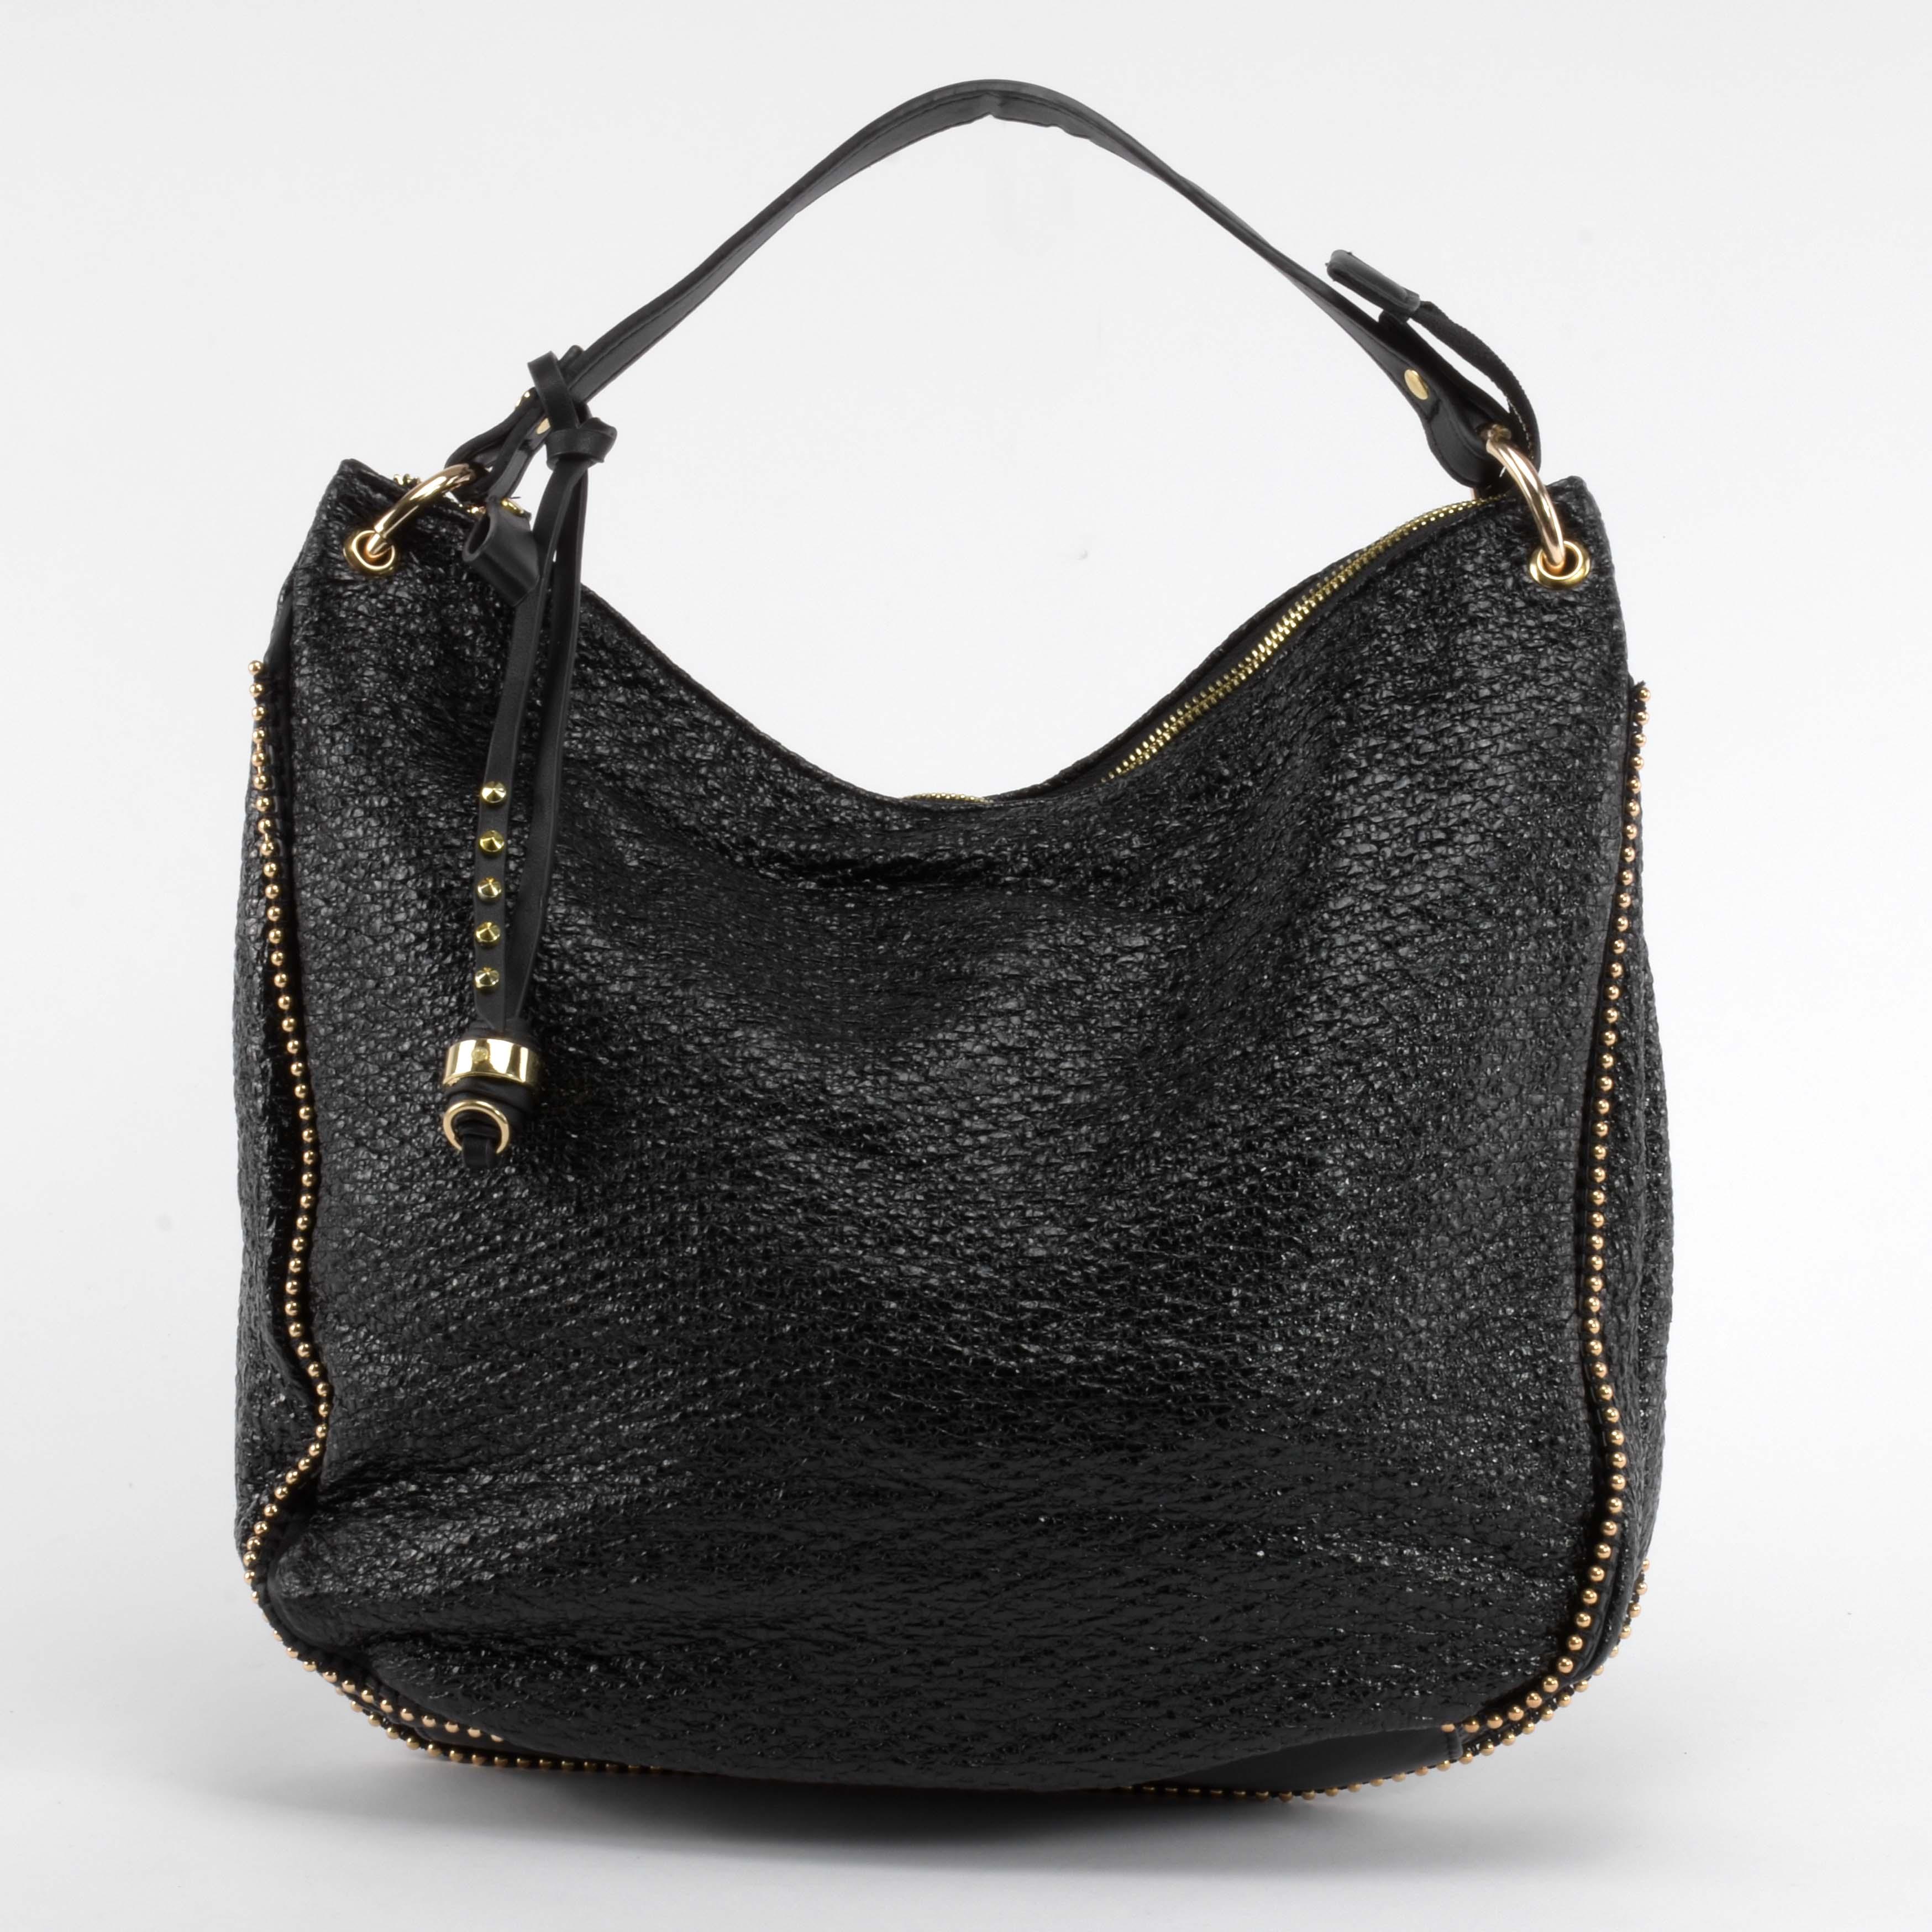 921fc8e37dfa Női Fekete Műbőr Válltáska Aranyszínű Díszítéssel - Válltáskák - Táska  webáruház - Minőségi táskák mindenkinek